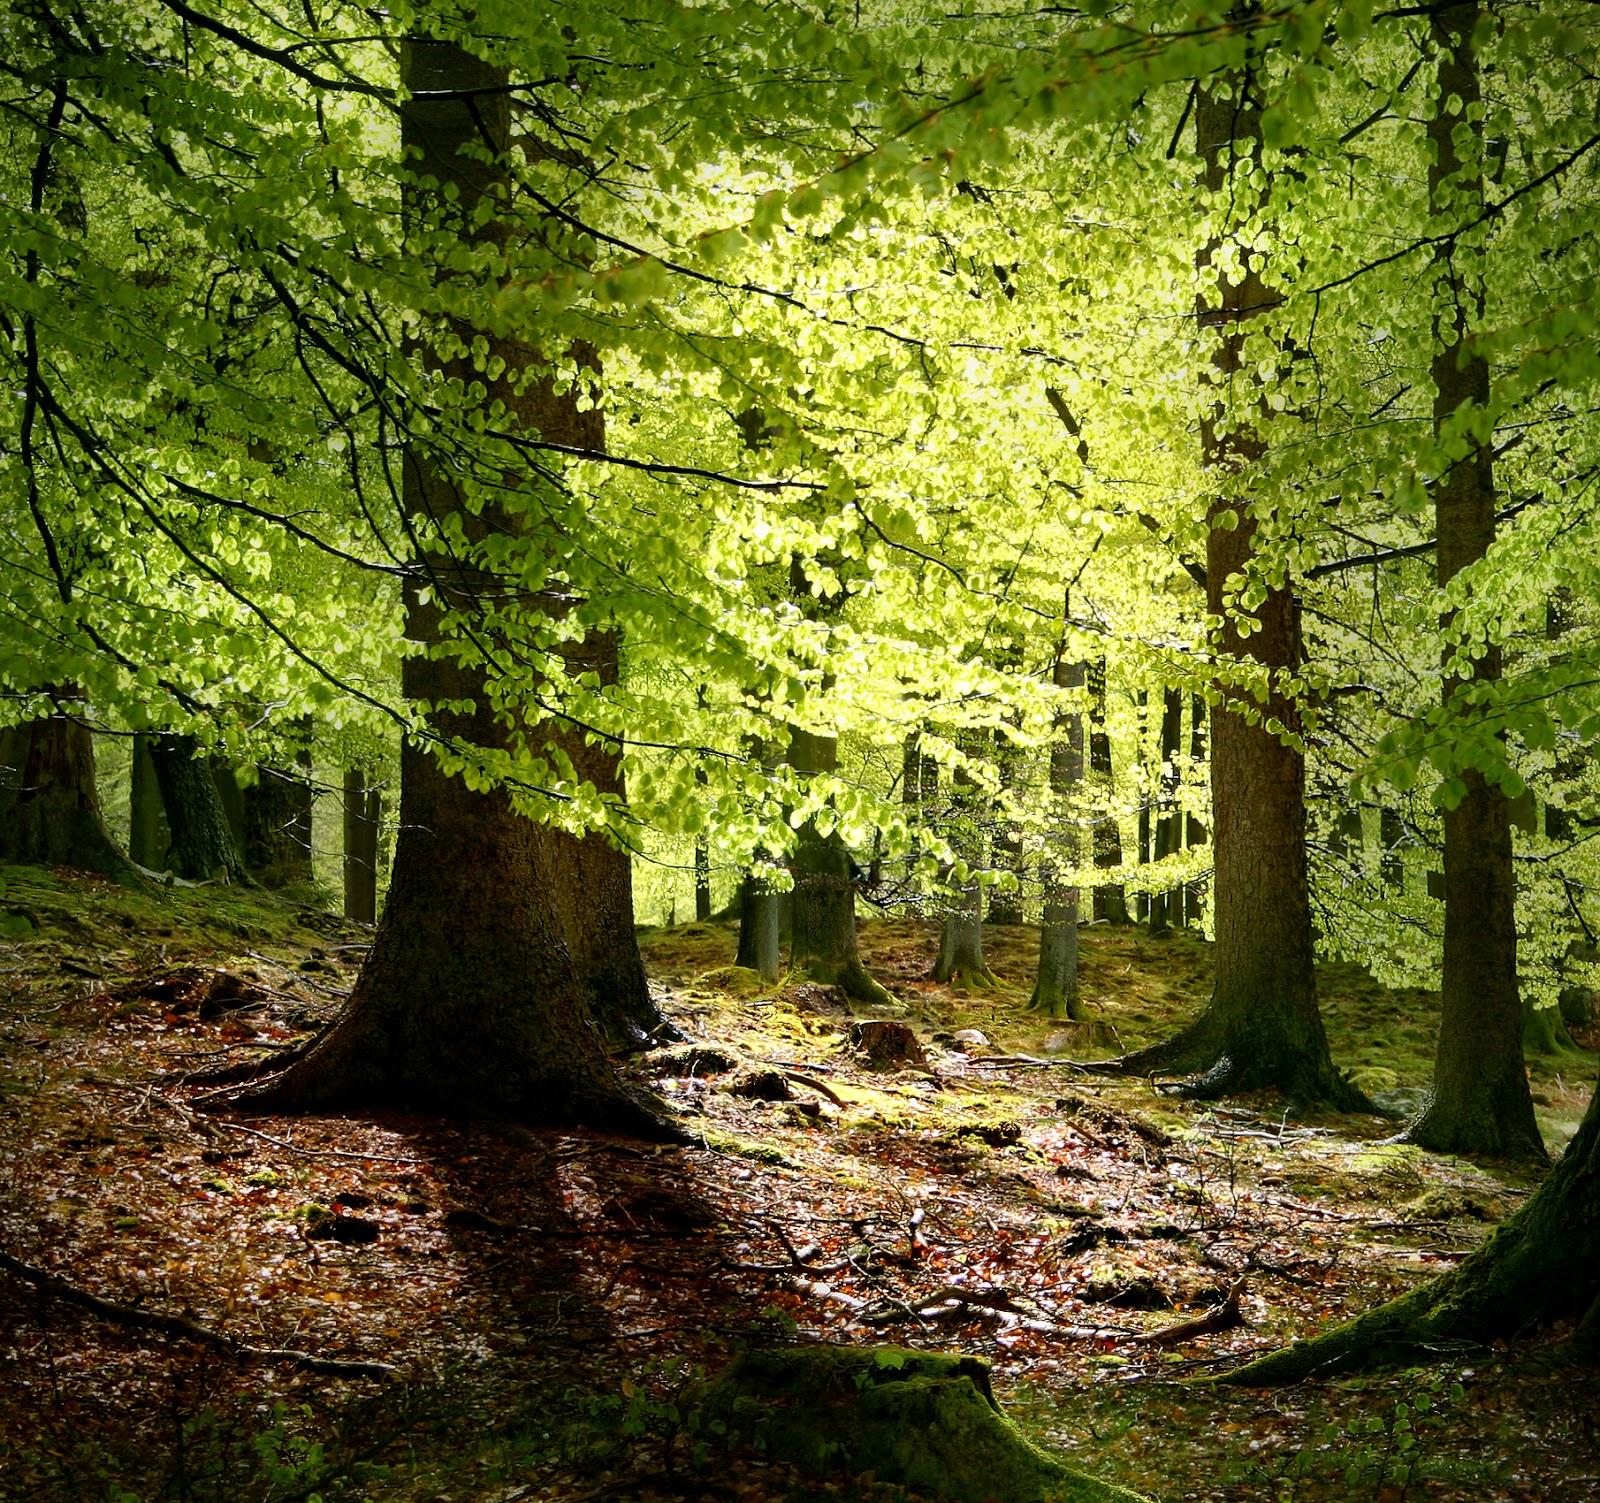 櫸木有外生菌根。圖片來源:Wiki